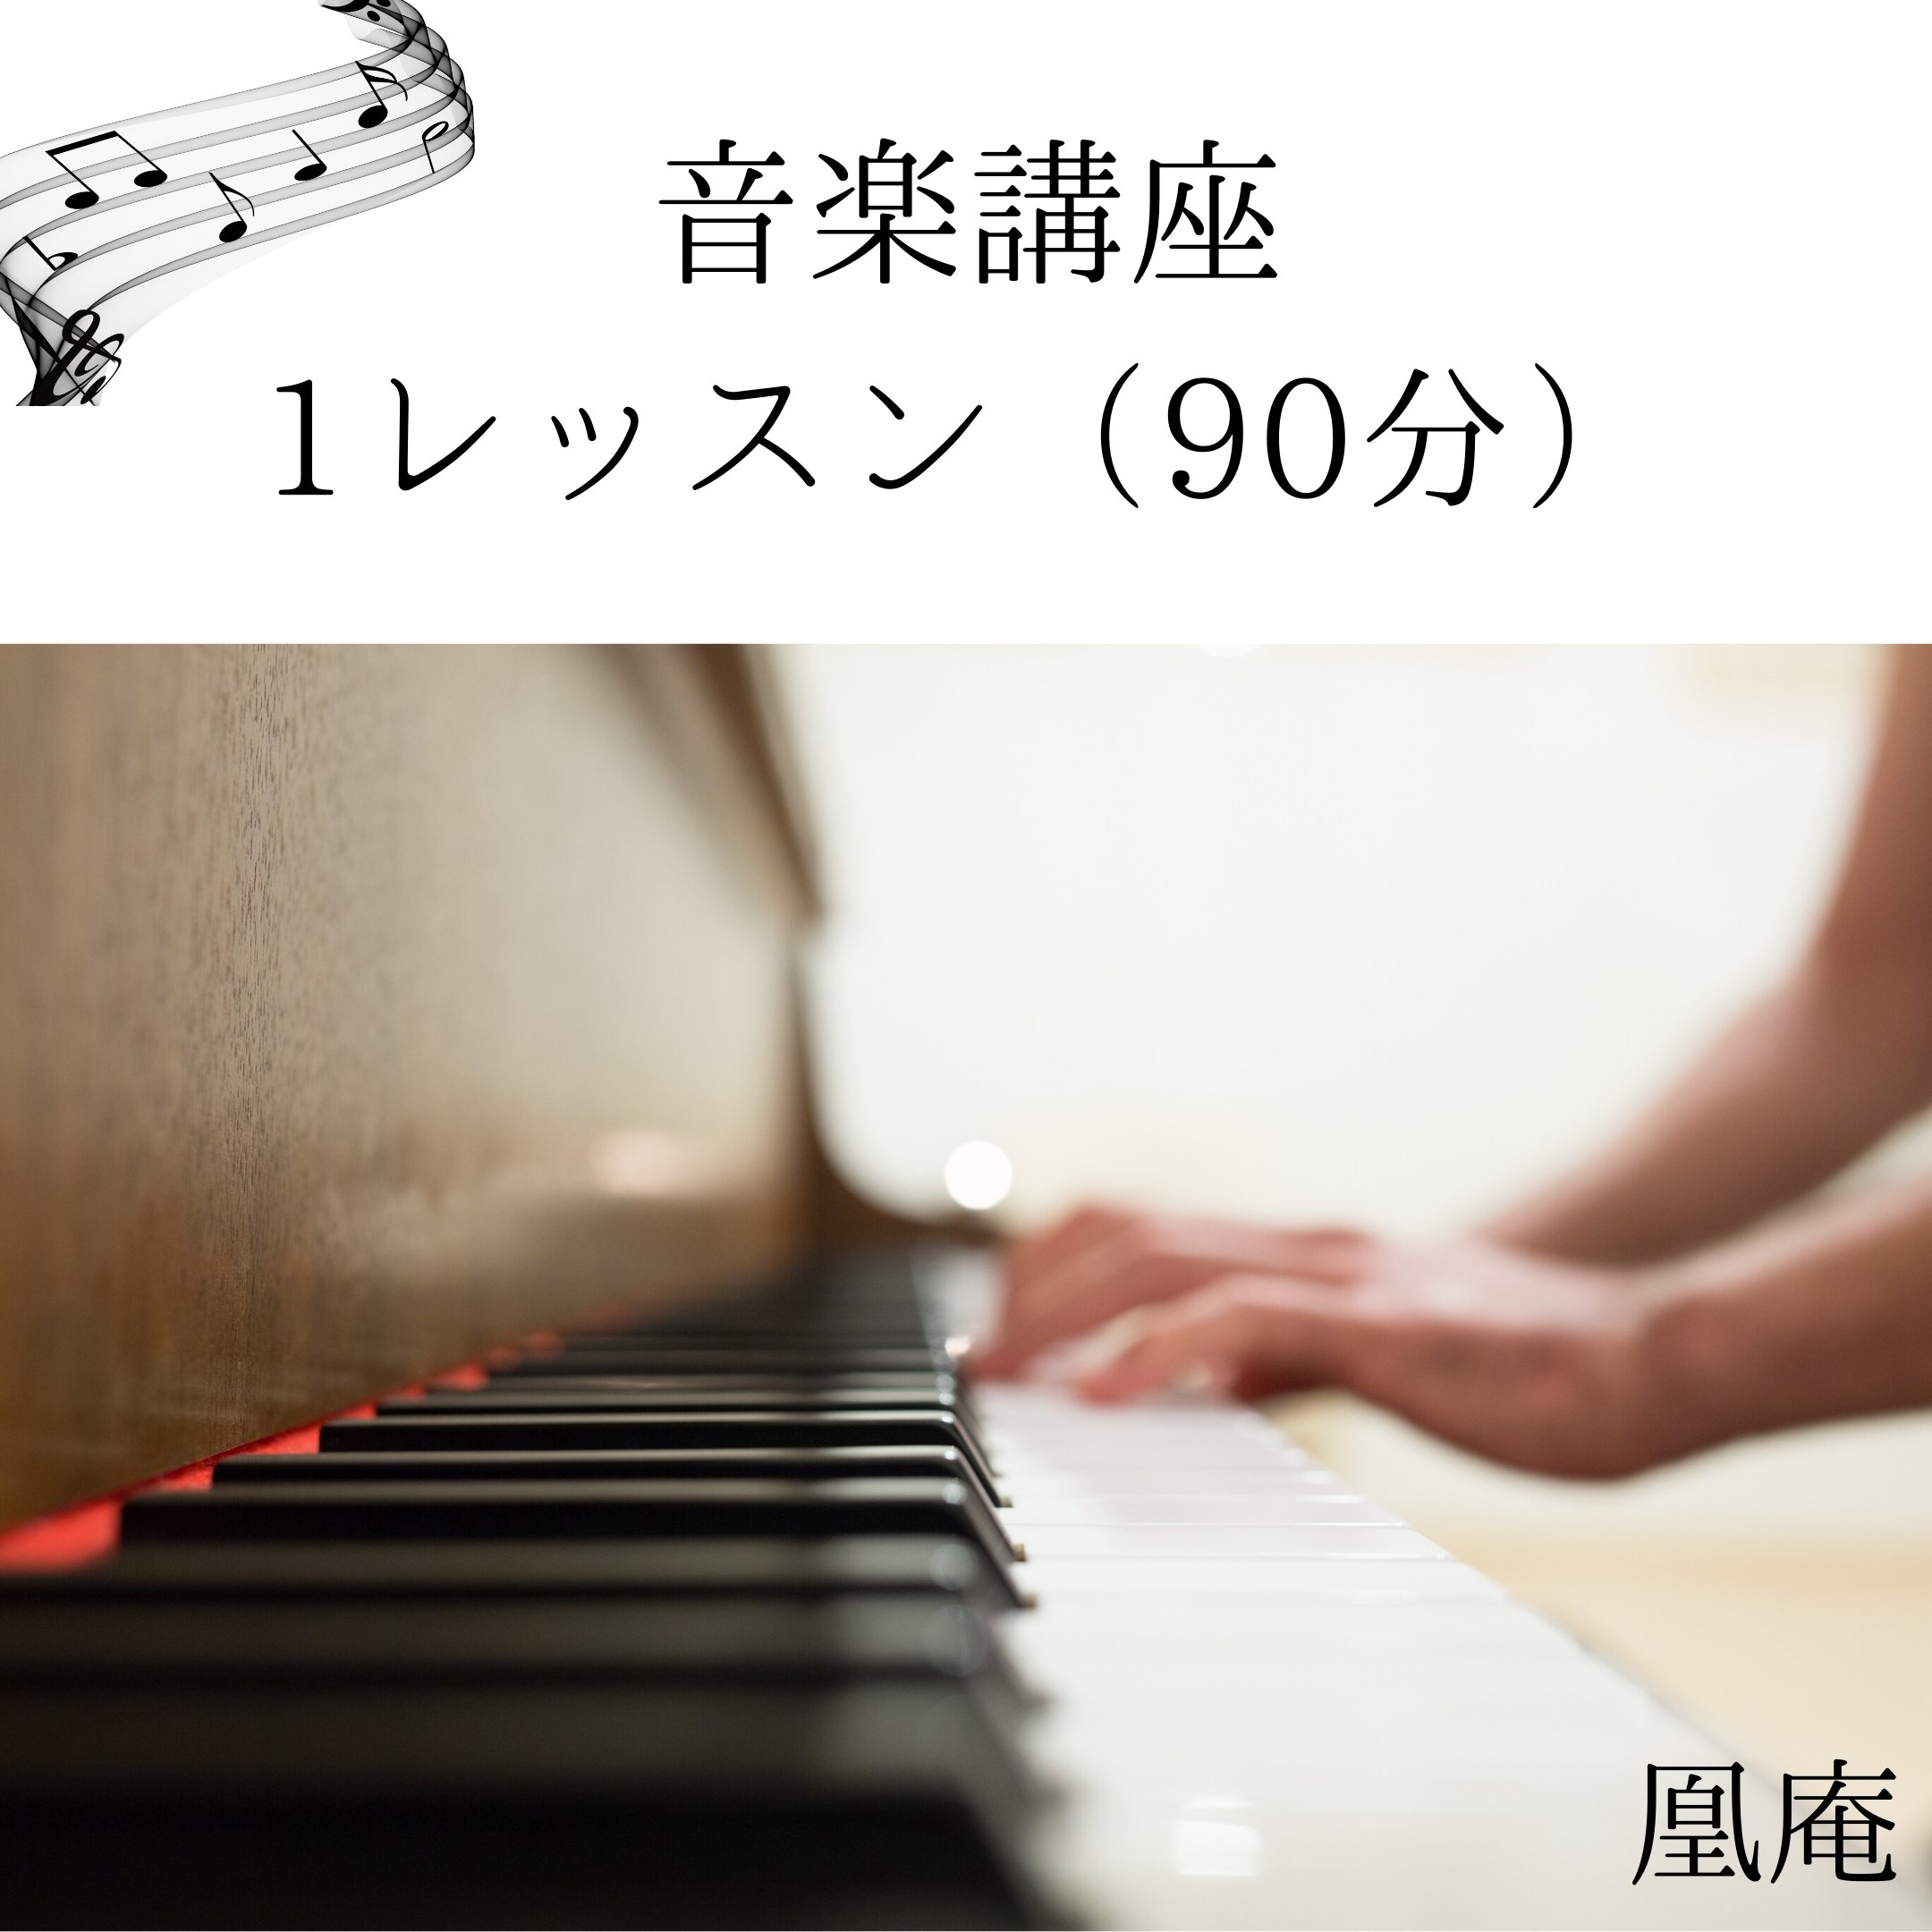 音楽講座(ピアノ・声楽・読譜基礎)1レッスン90分のイメージその1